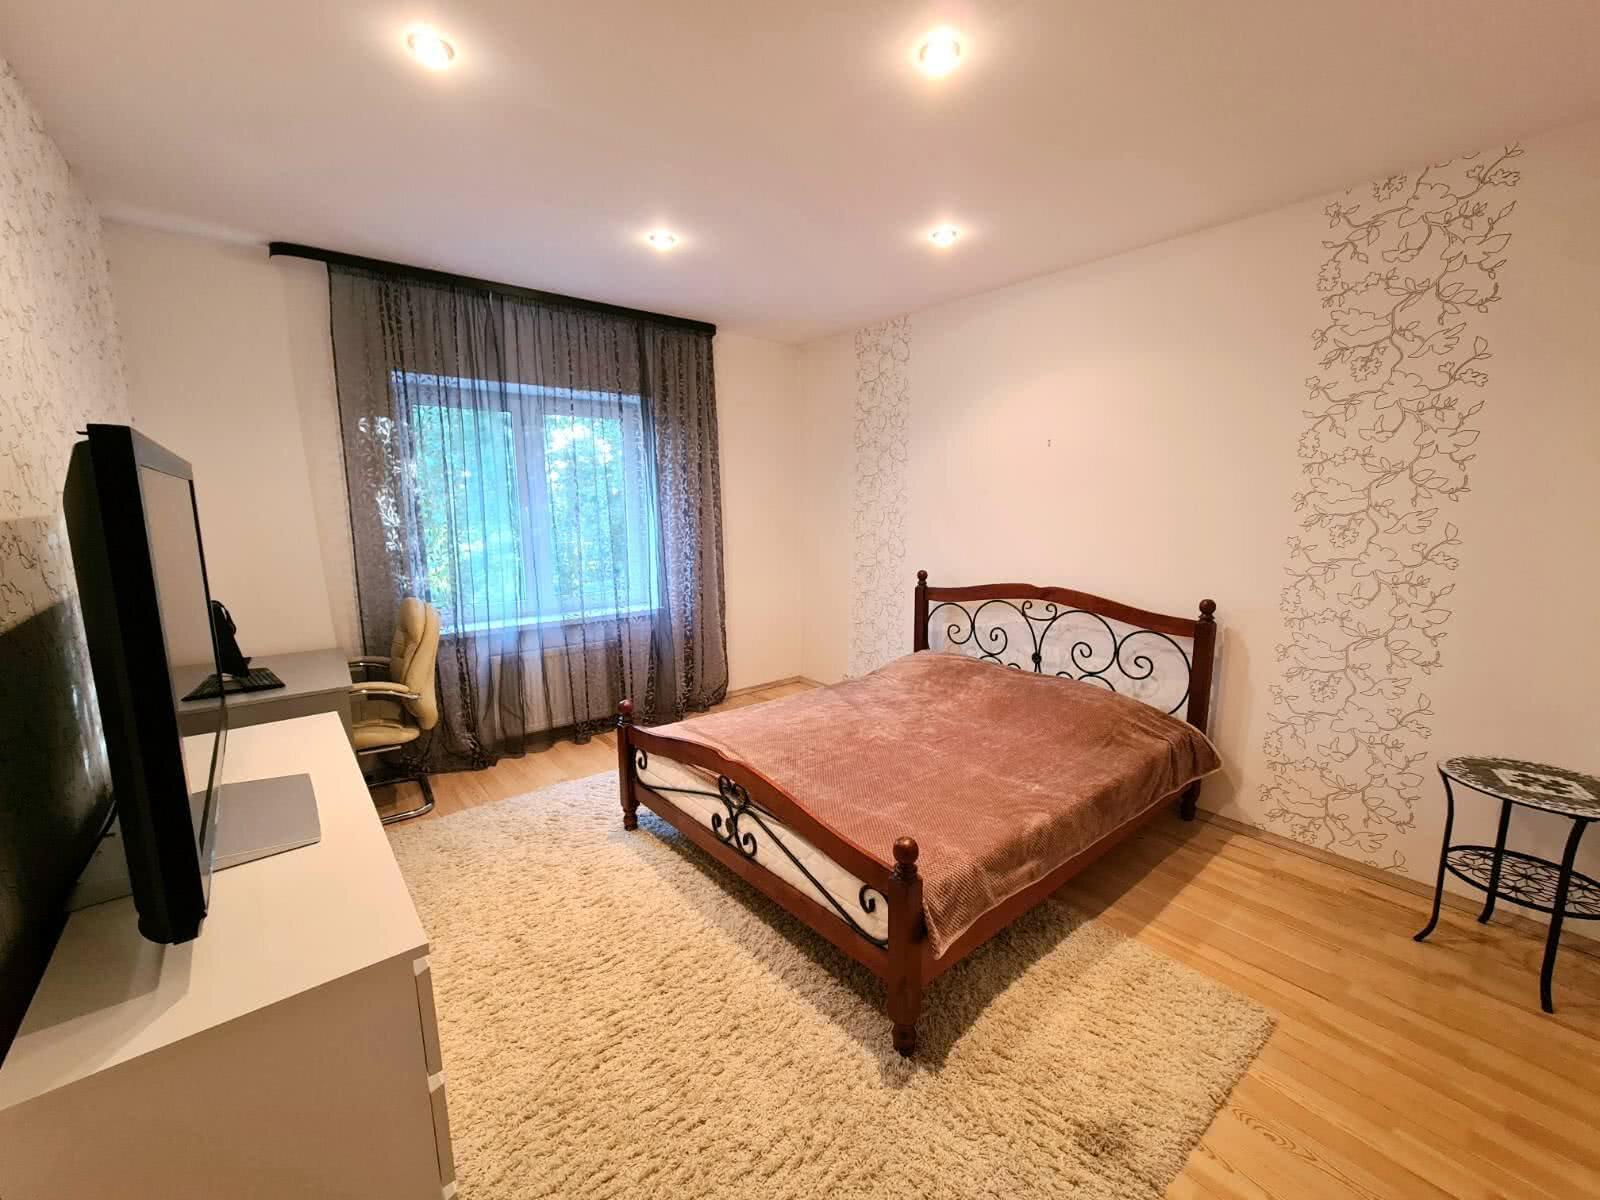 Продажа 2-этажного дома в Минске, Минская область ул. Собинова - фото 6